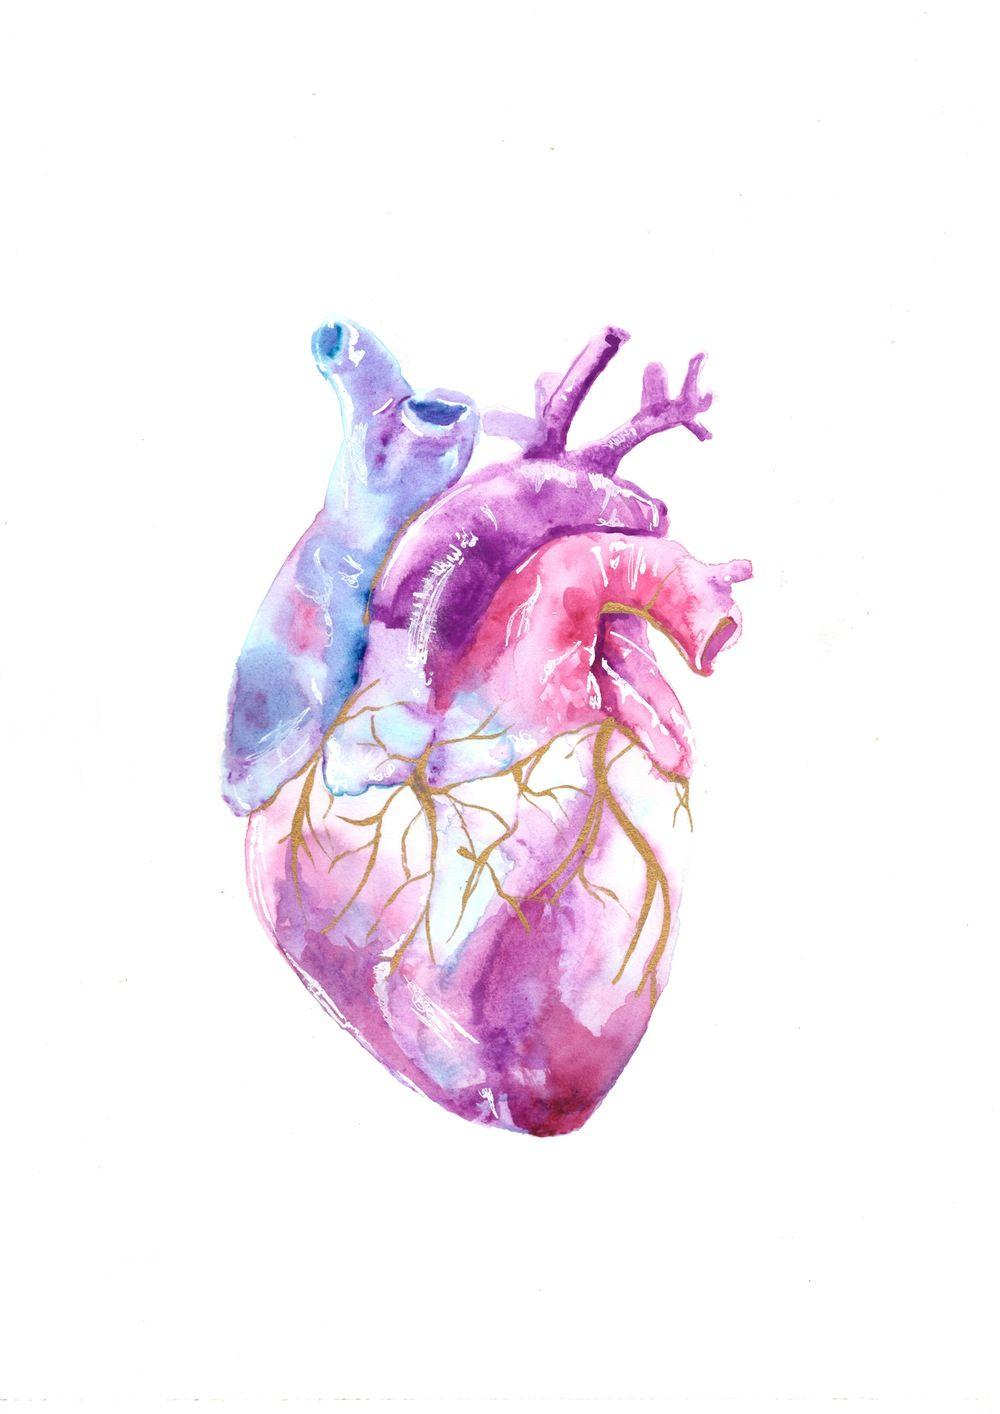 Image of Heart | ART | Pinterest | Acuarela, Fondos y Anatomía